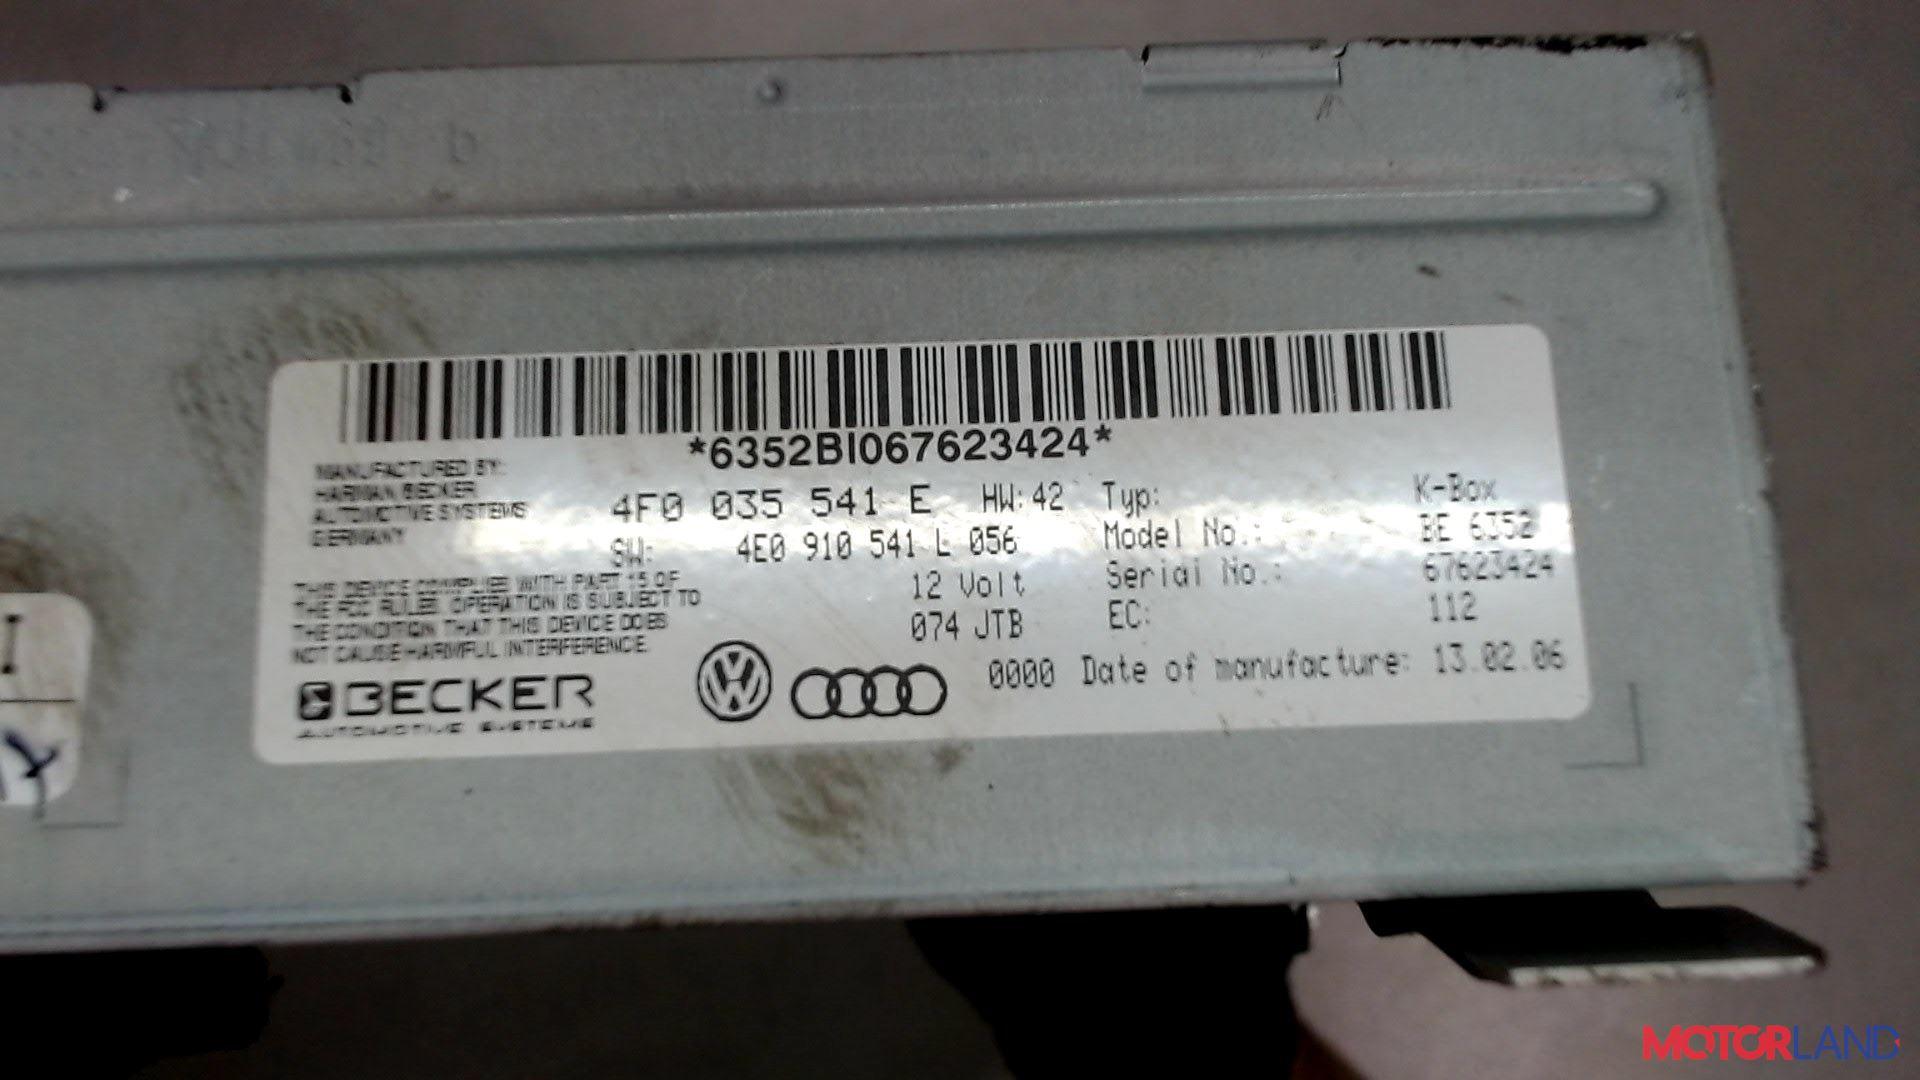 Блок управления (ЭБУ) Audi A6 (C6) 2005-2011 3.2 л. 2006 AUK б/у #3